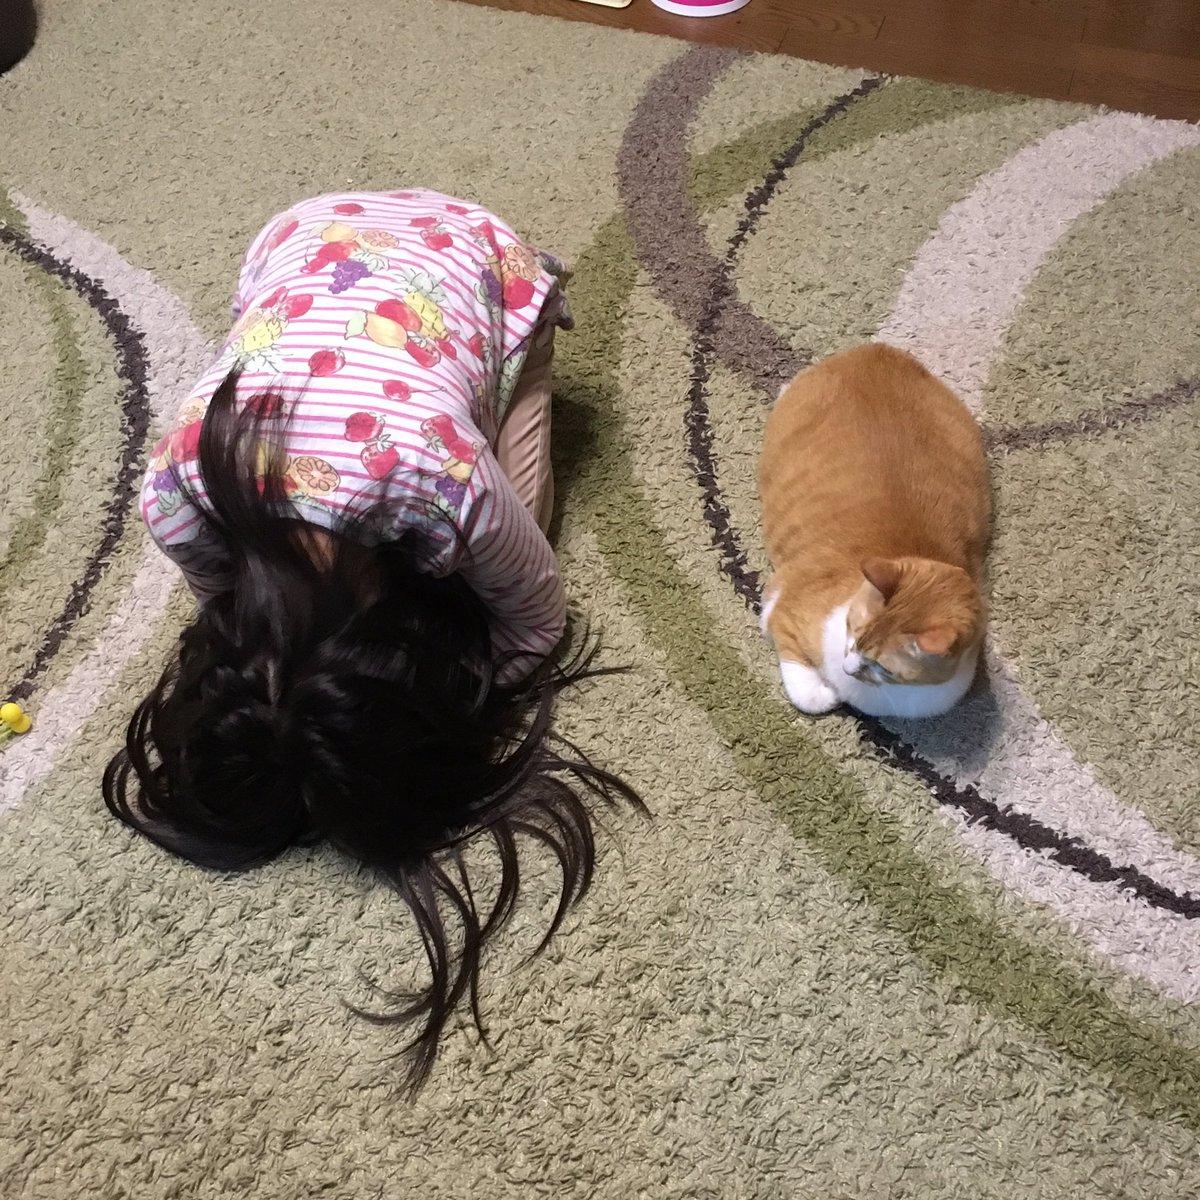 「猫ちゃんかわいいポーズしてる!!私もまねして可愛くなろーっと!!」と叫んで猫の横にうずくまる7歳娘と、えっ何なのこいつ…的にドン引きする猫 pic.twitter.com/6MtQXQCxnS